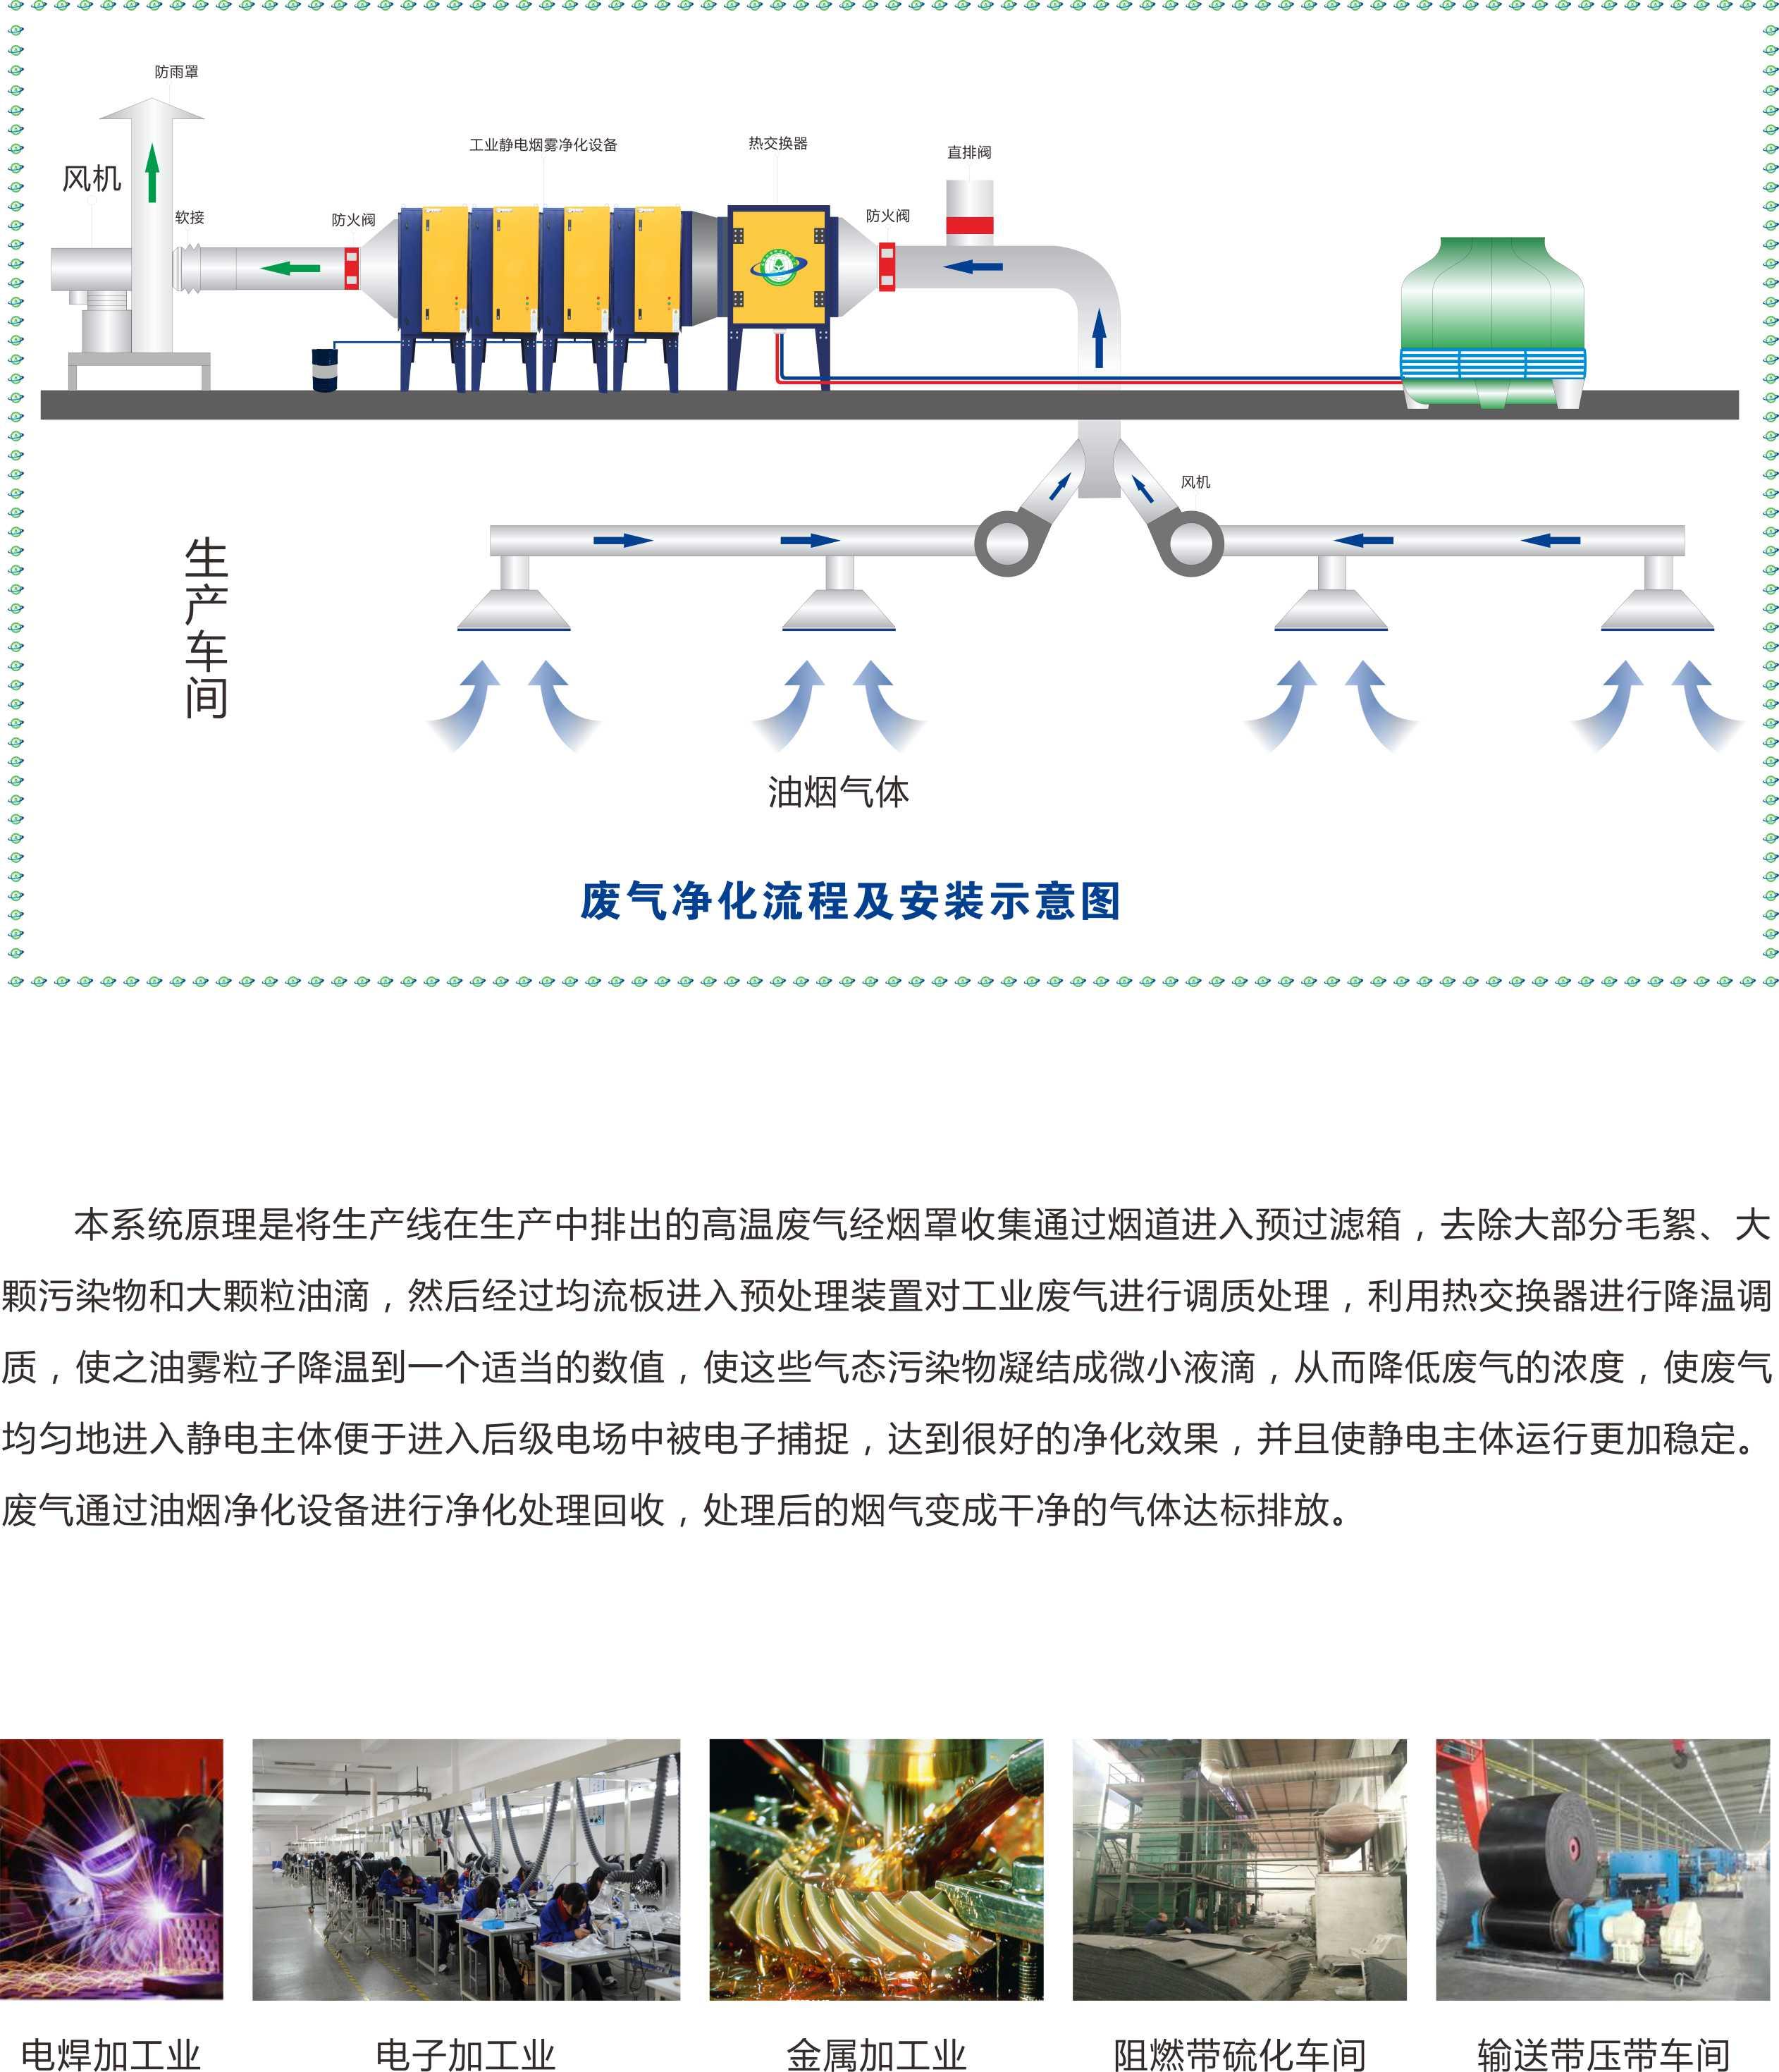 低空排放净化器   超低空排放净化器